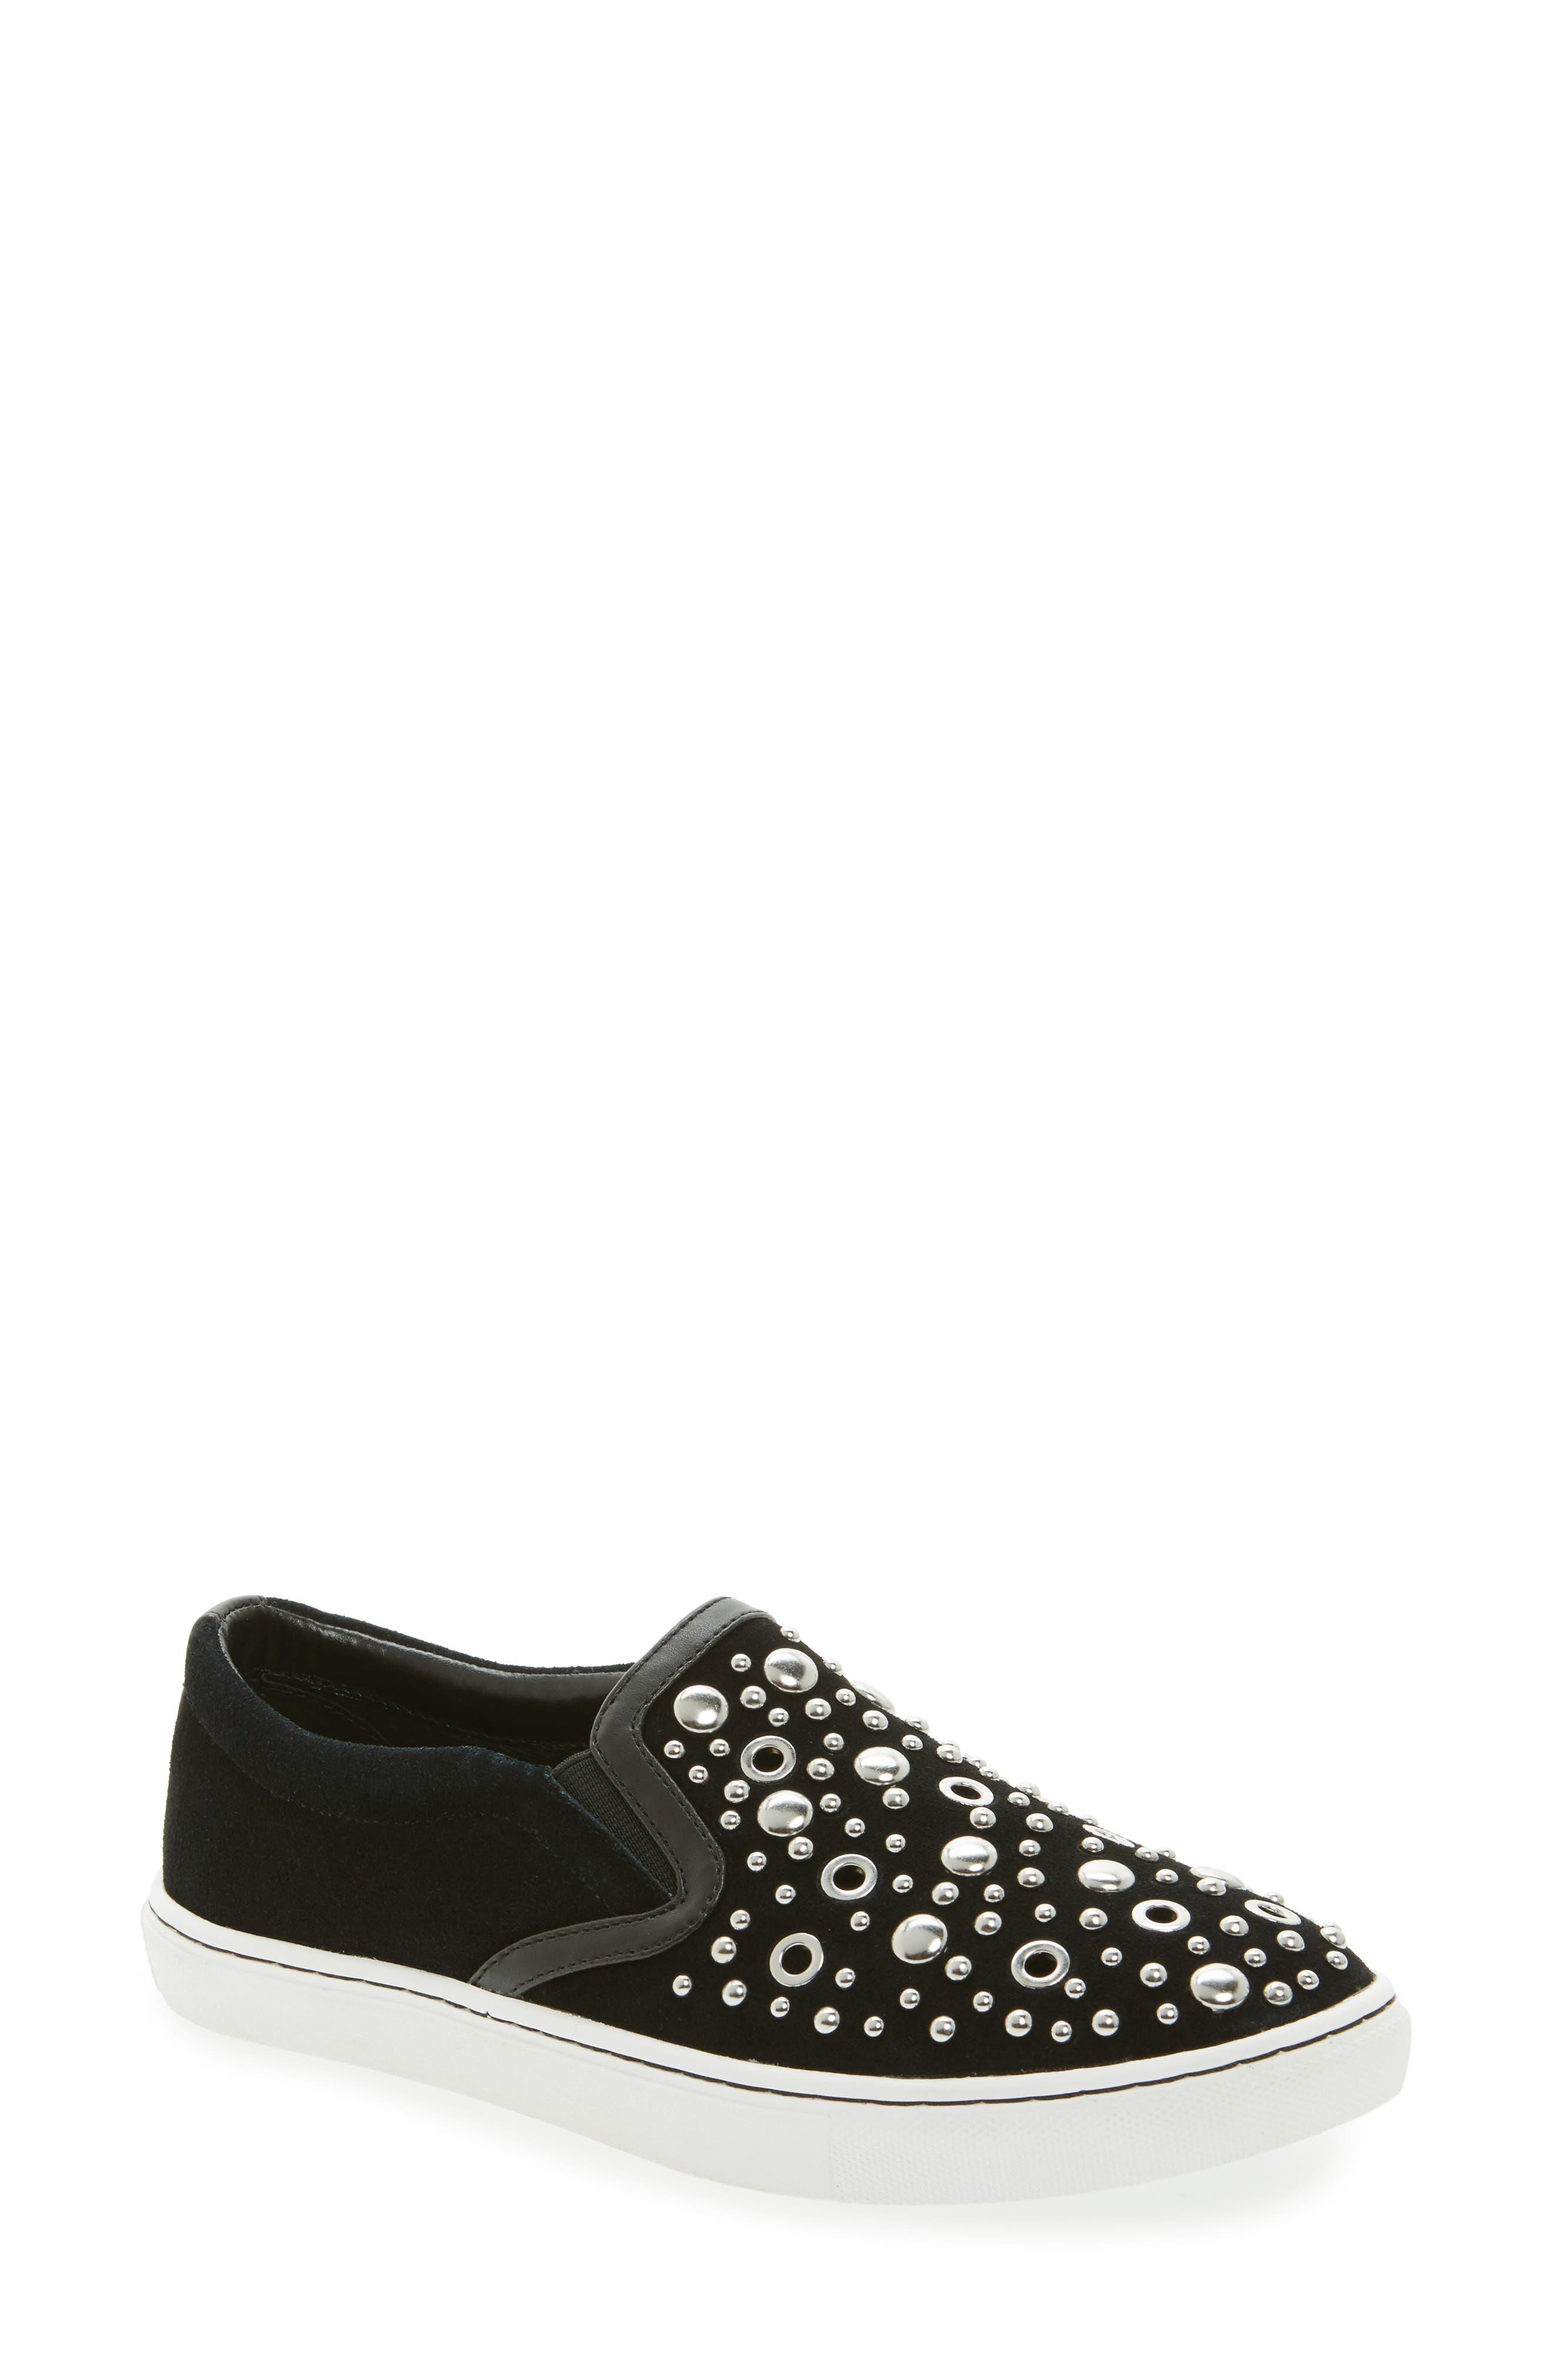 Paven Embellished Slip-On Sneaker,                         Main,                         color, 001